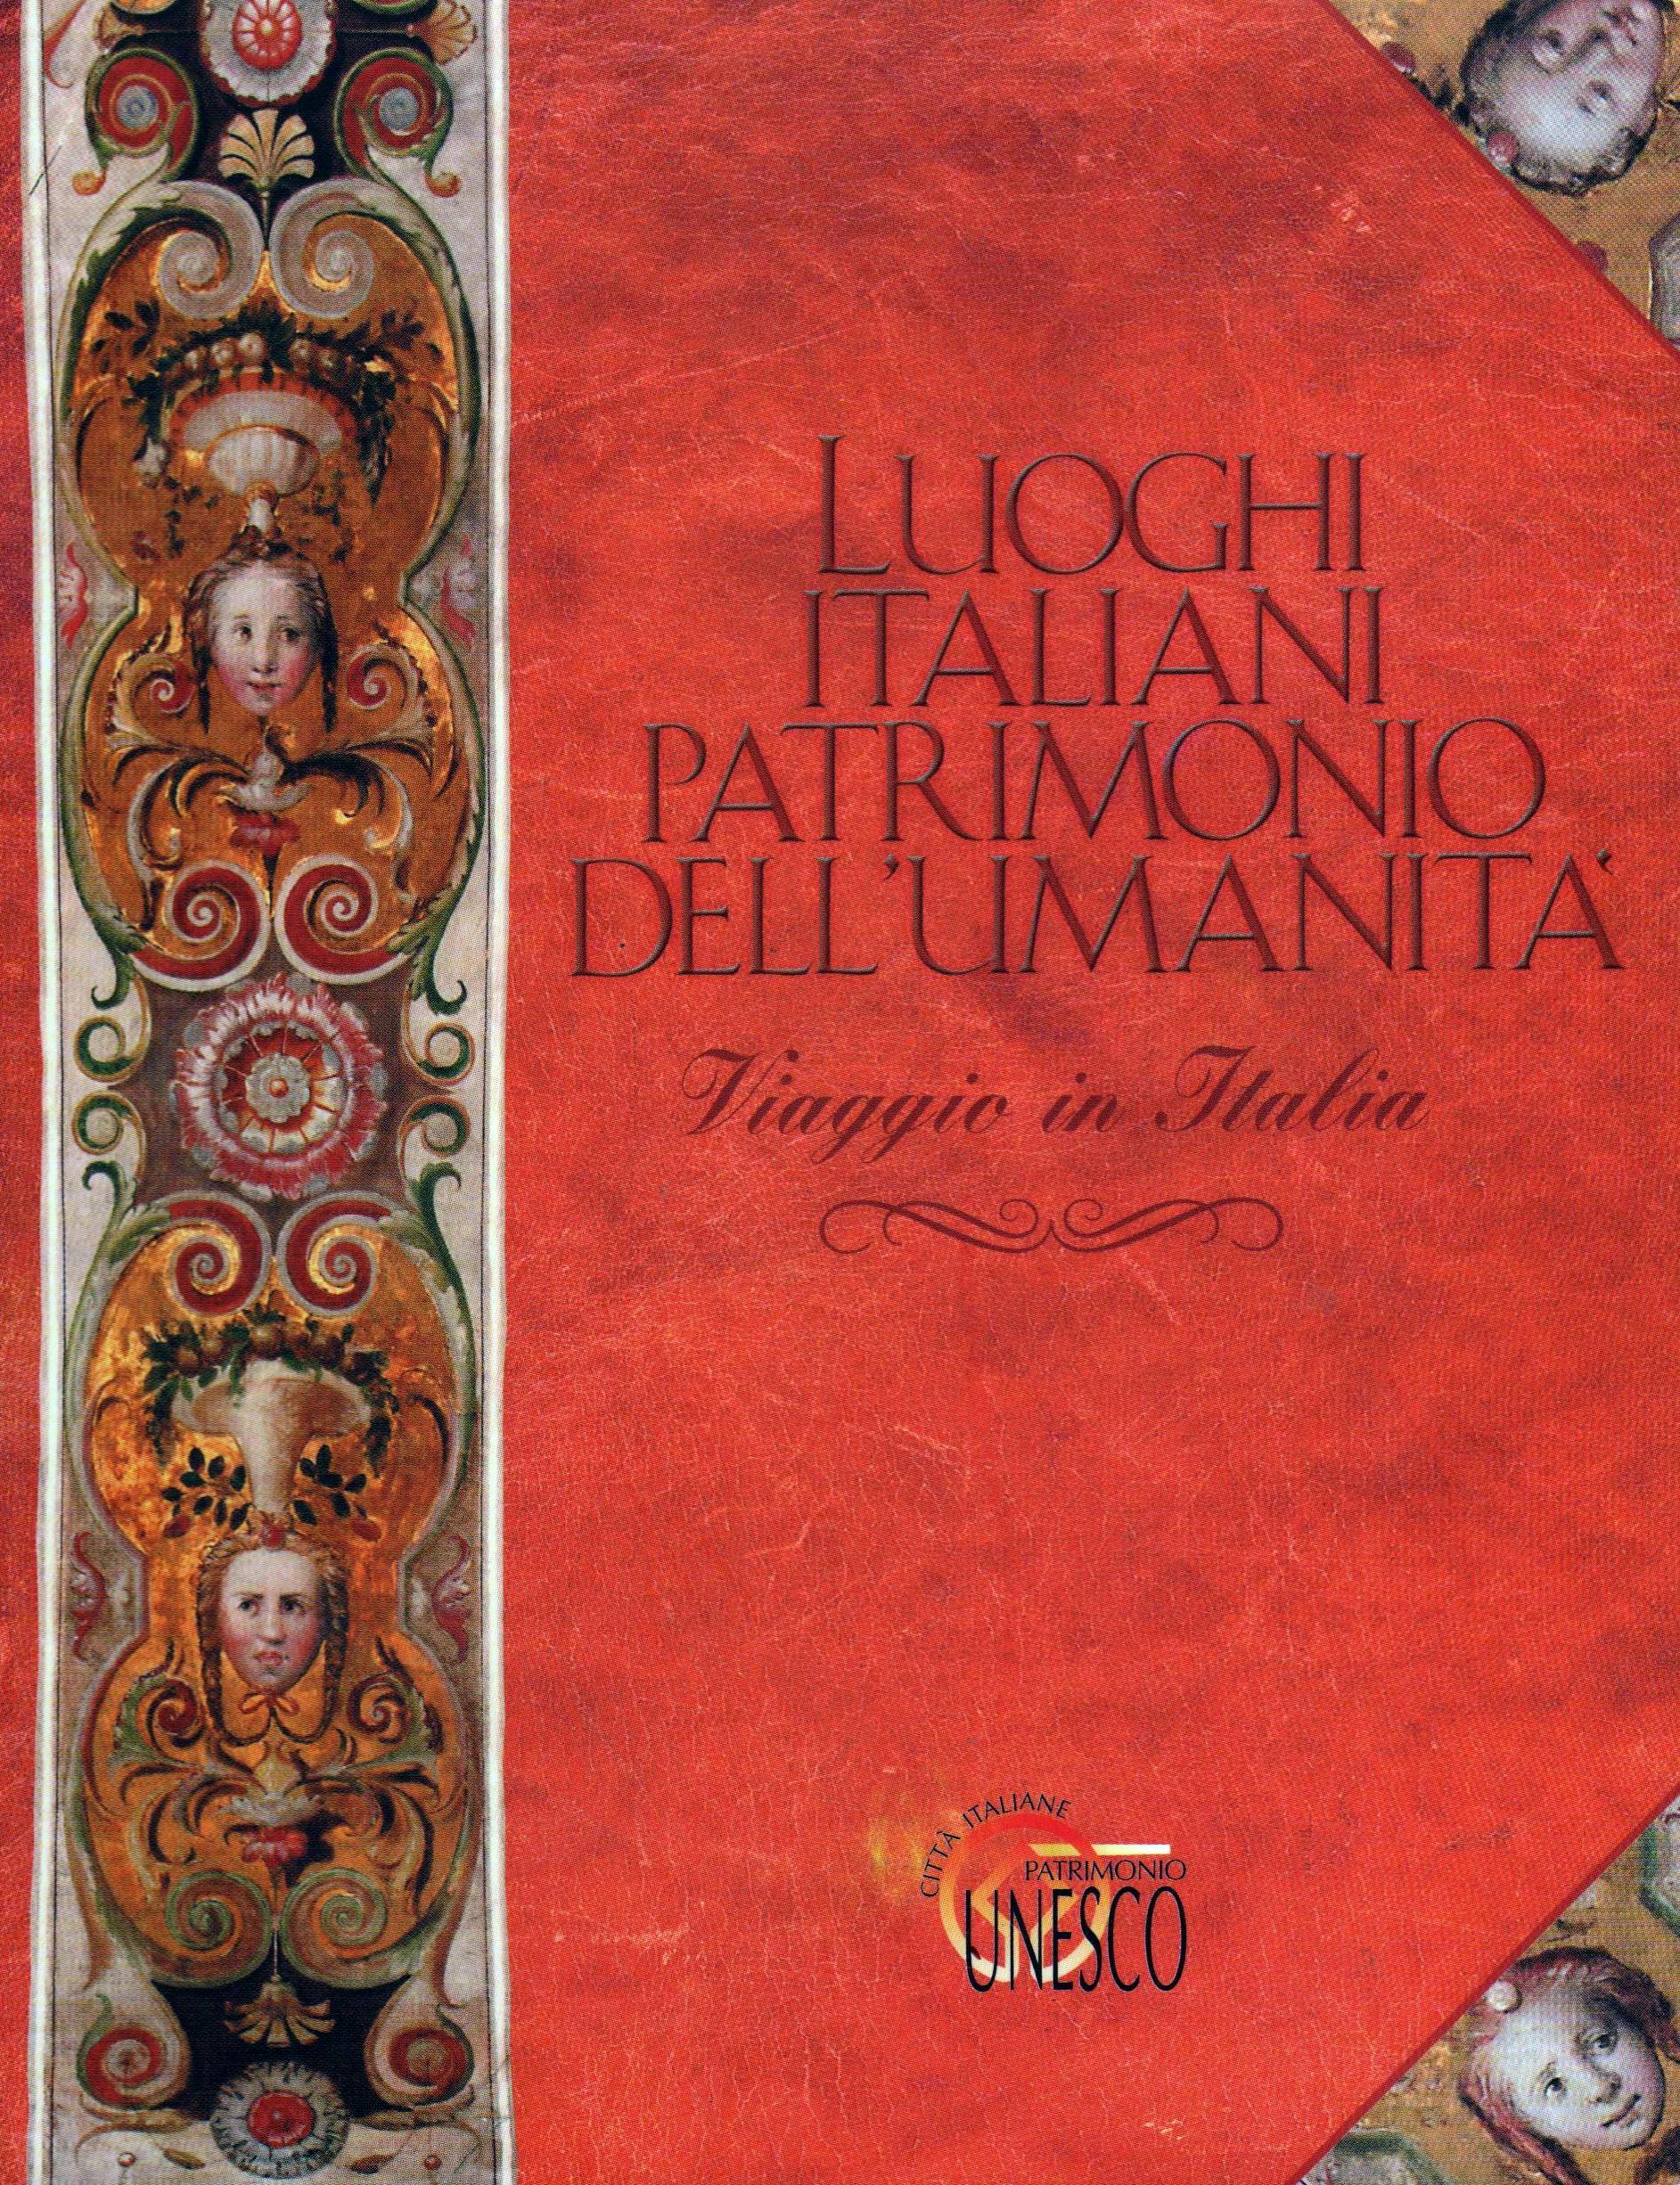 Luoghi italiani patrimonio dell'umanità